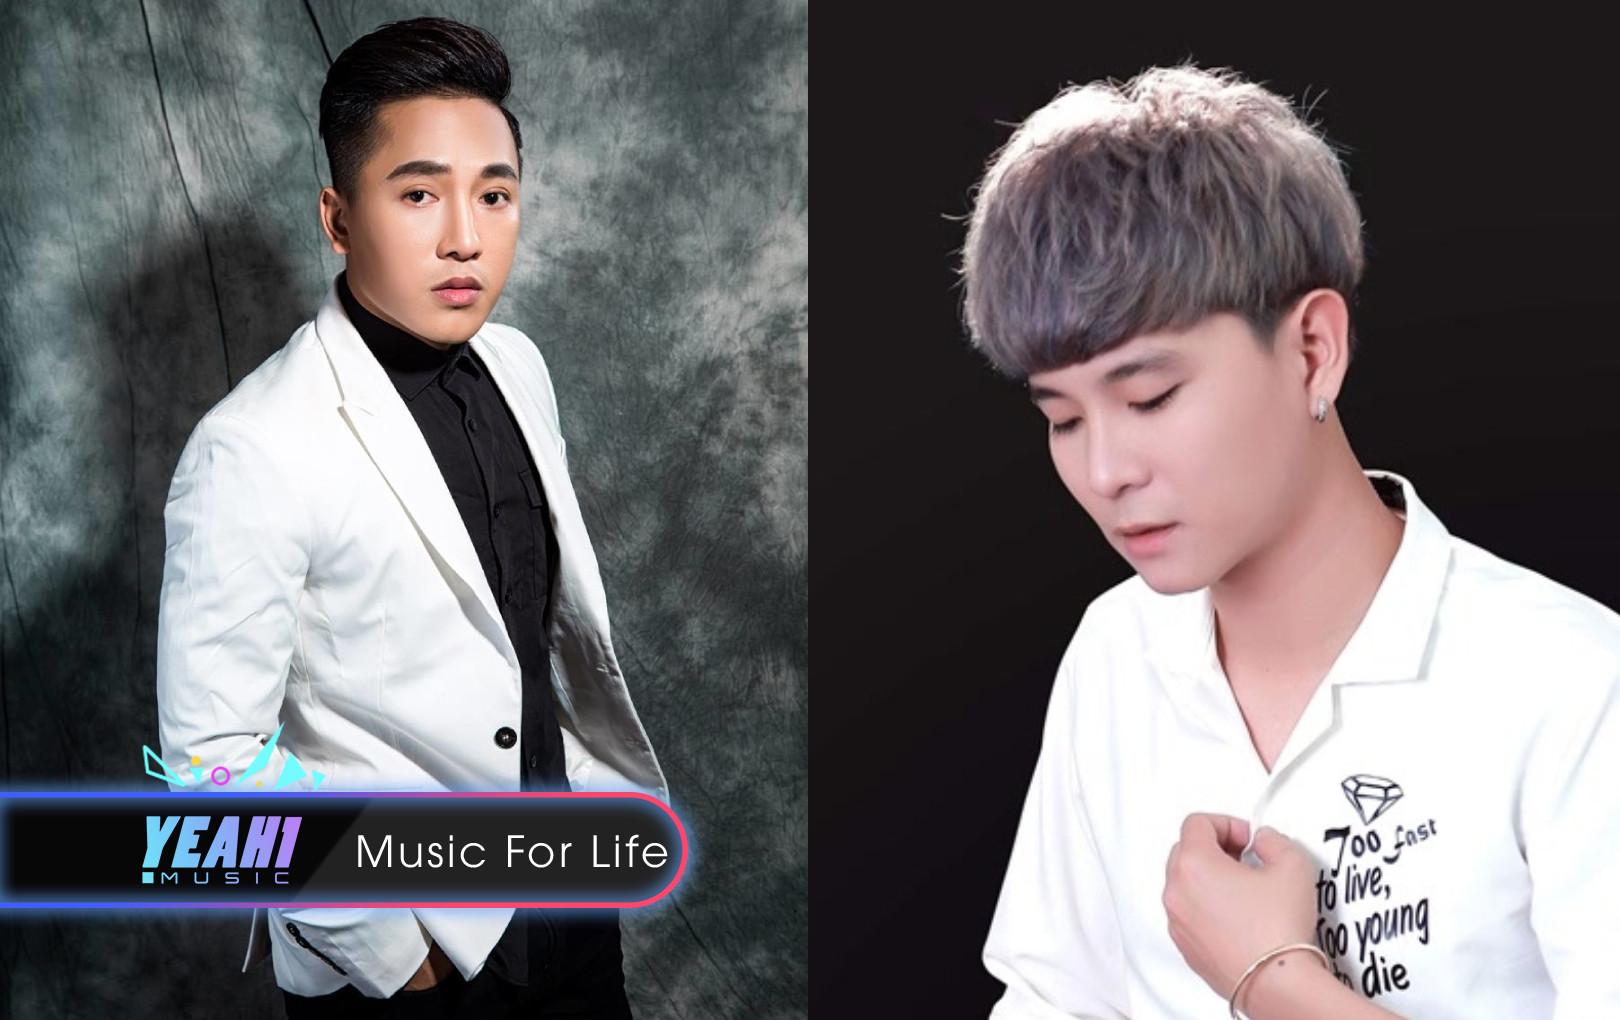 """Bị ép gỡ bài hit, Châu Khải Phong nhắn nhủ: """"Là đàn anh, Phong gửi lời xin lỗi Huy trước"""""""